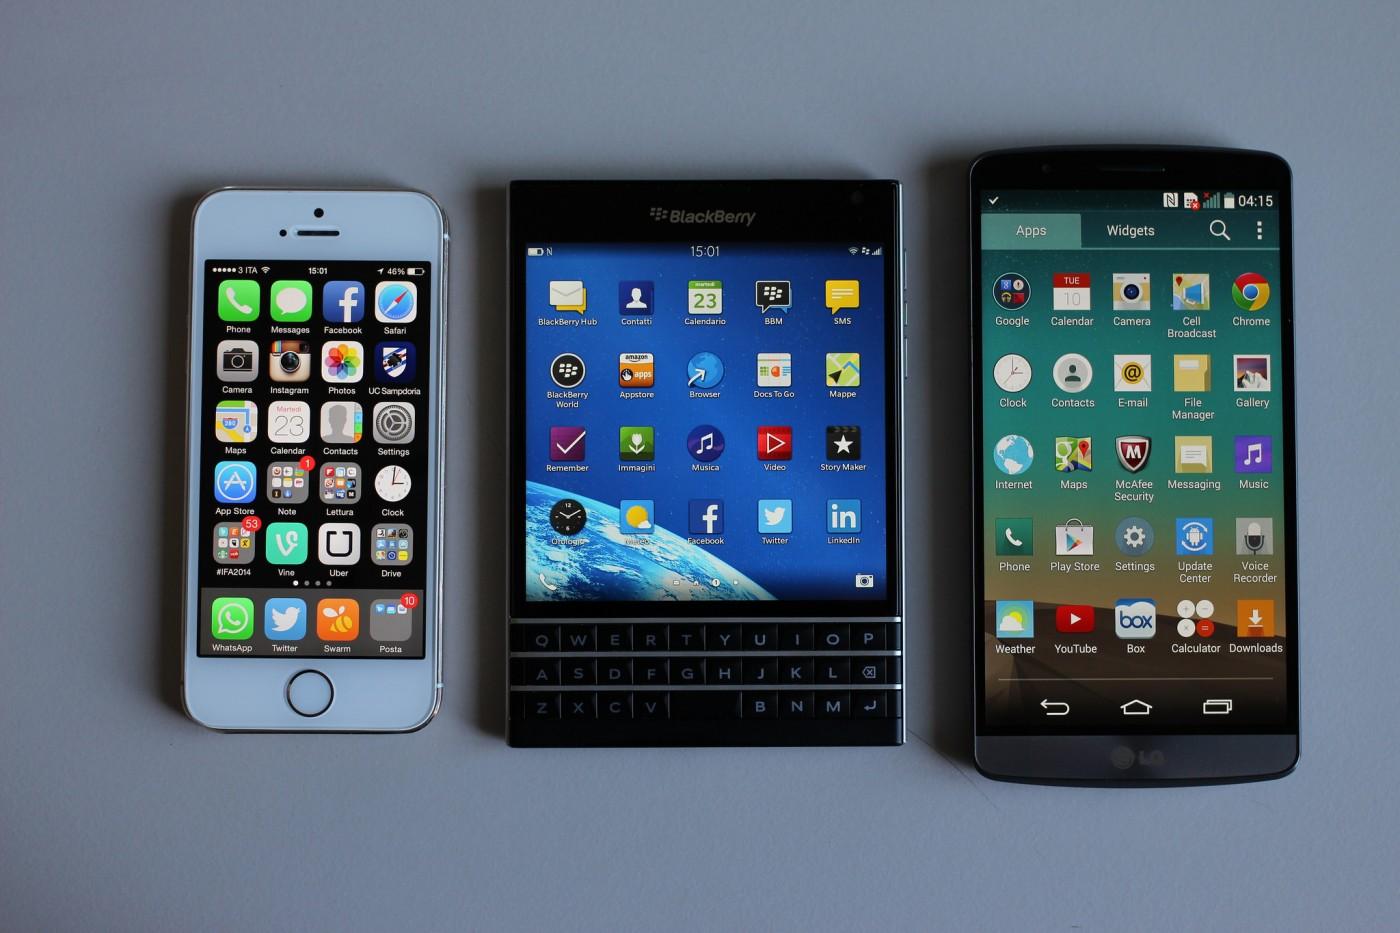 黑莓機回來了!攜手富智康、明年推鍵盤5G手機,但賣情懷還吃香嗎?